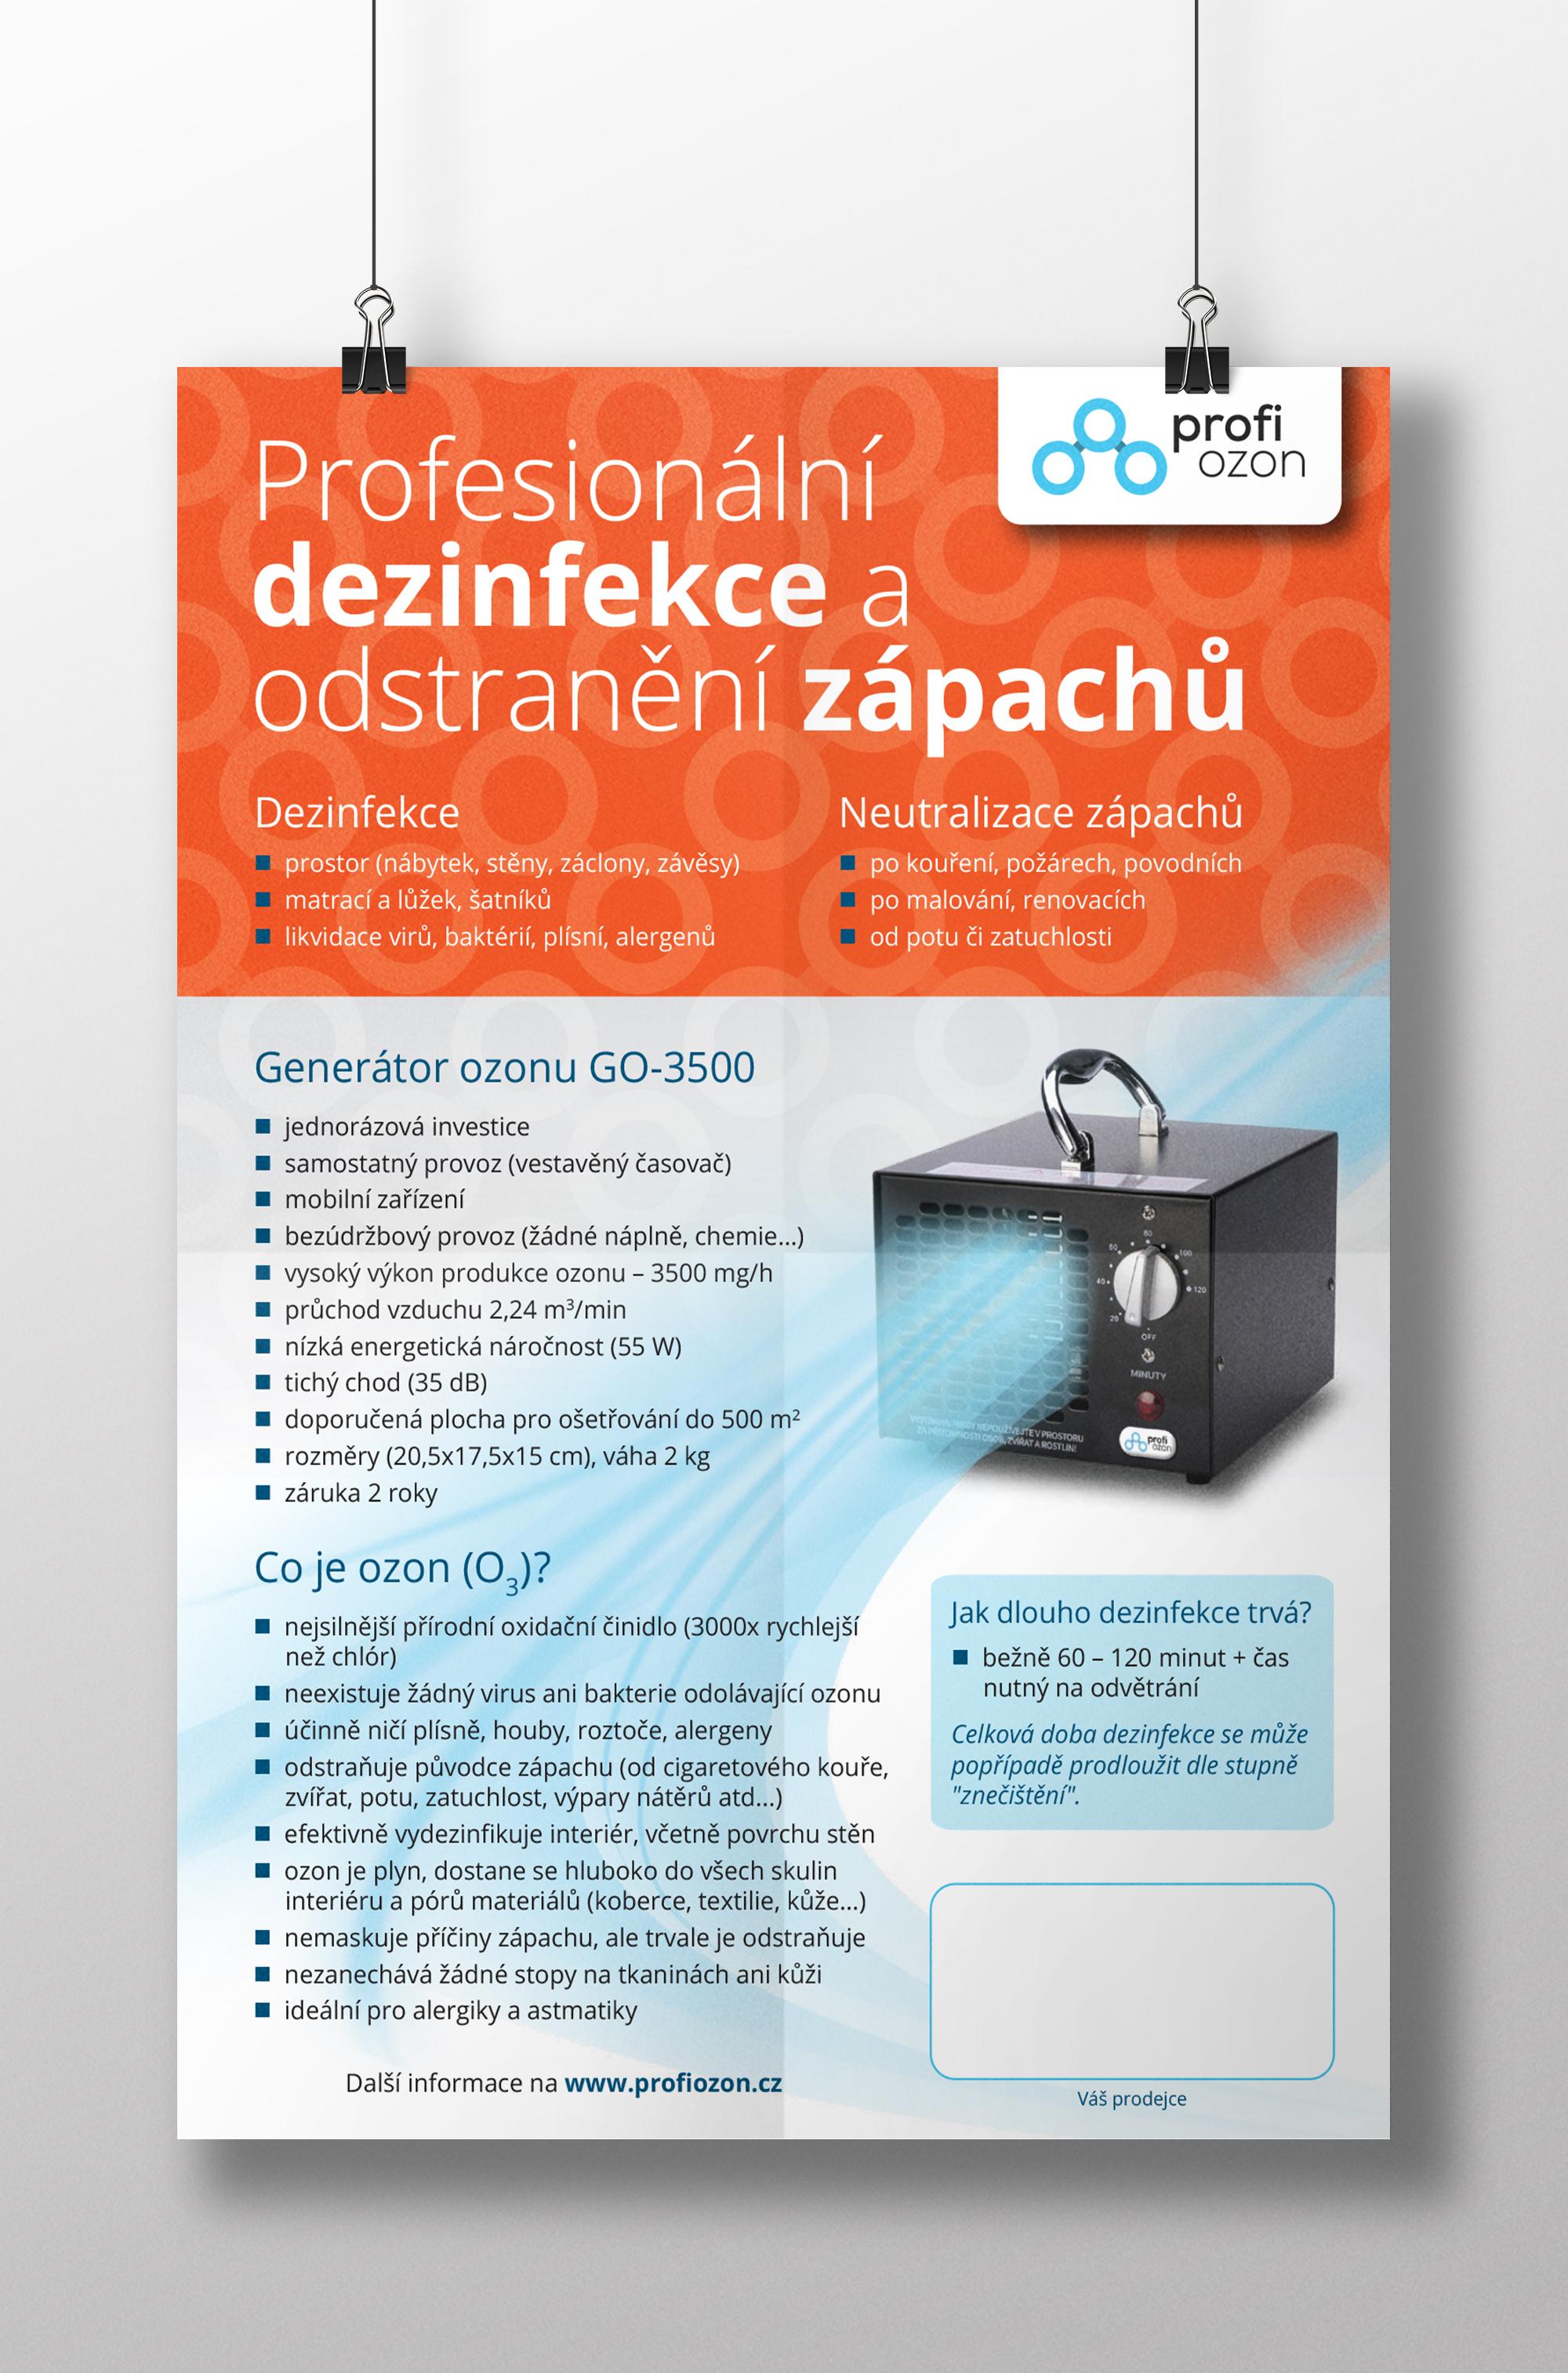 profiozon-poster